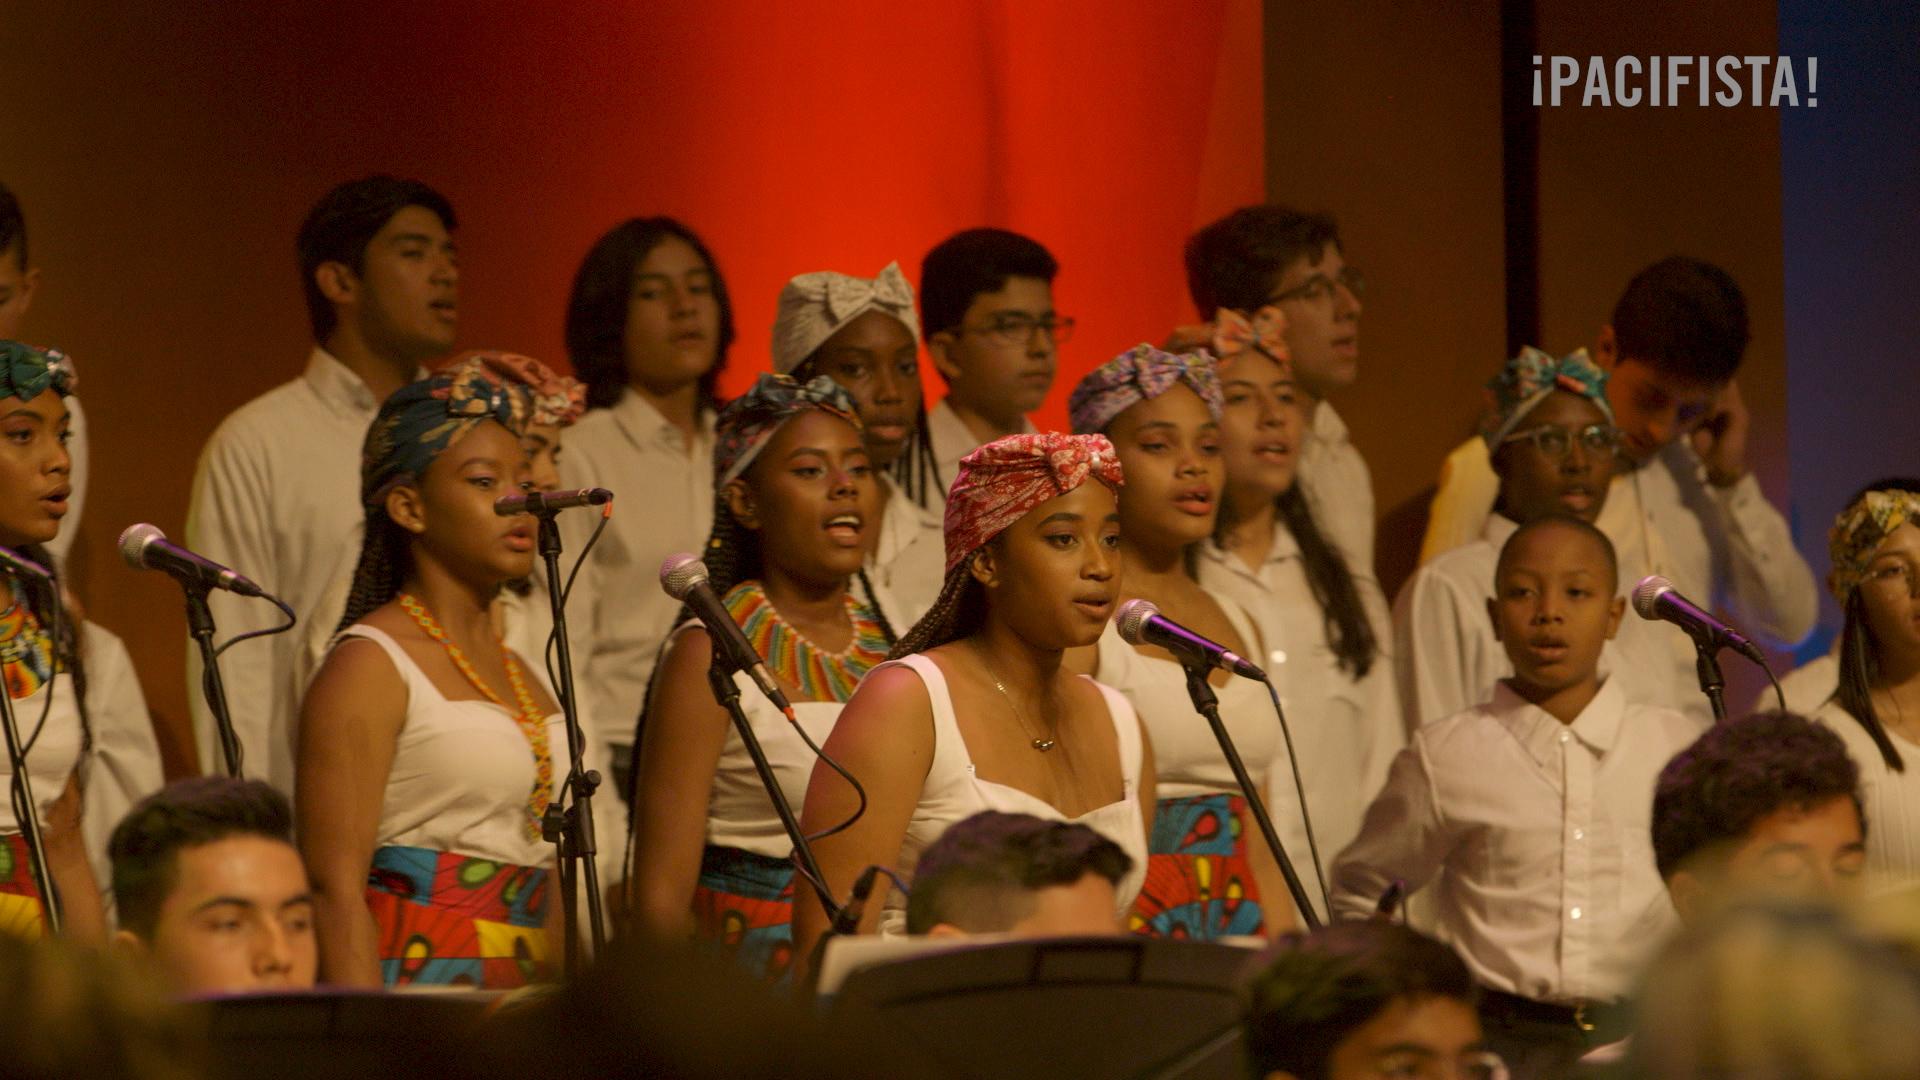 'Con la música se tejen afectos': así fue el concierto del Pacífico en Bogotá